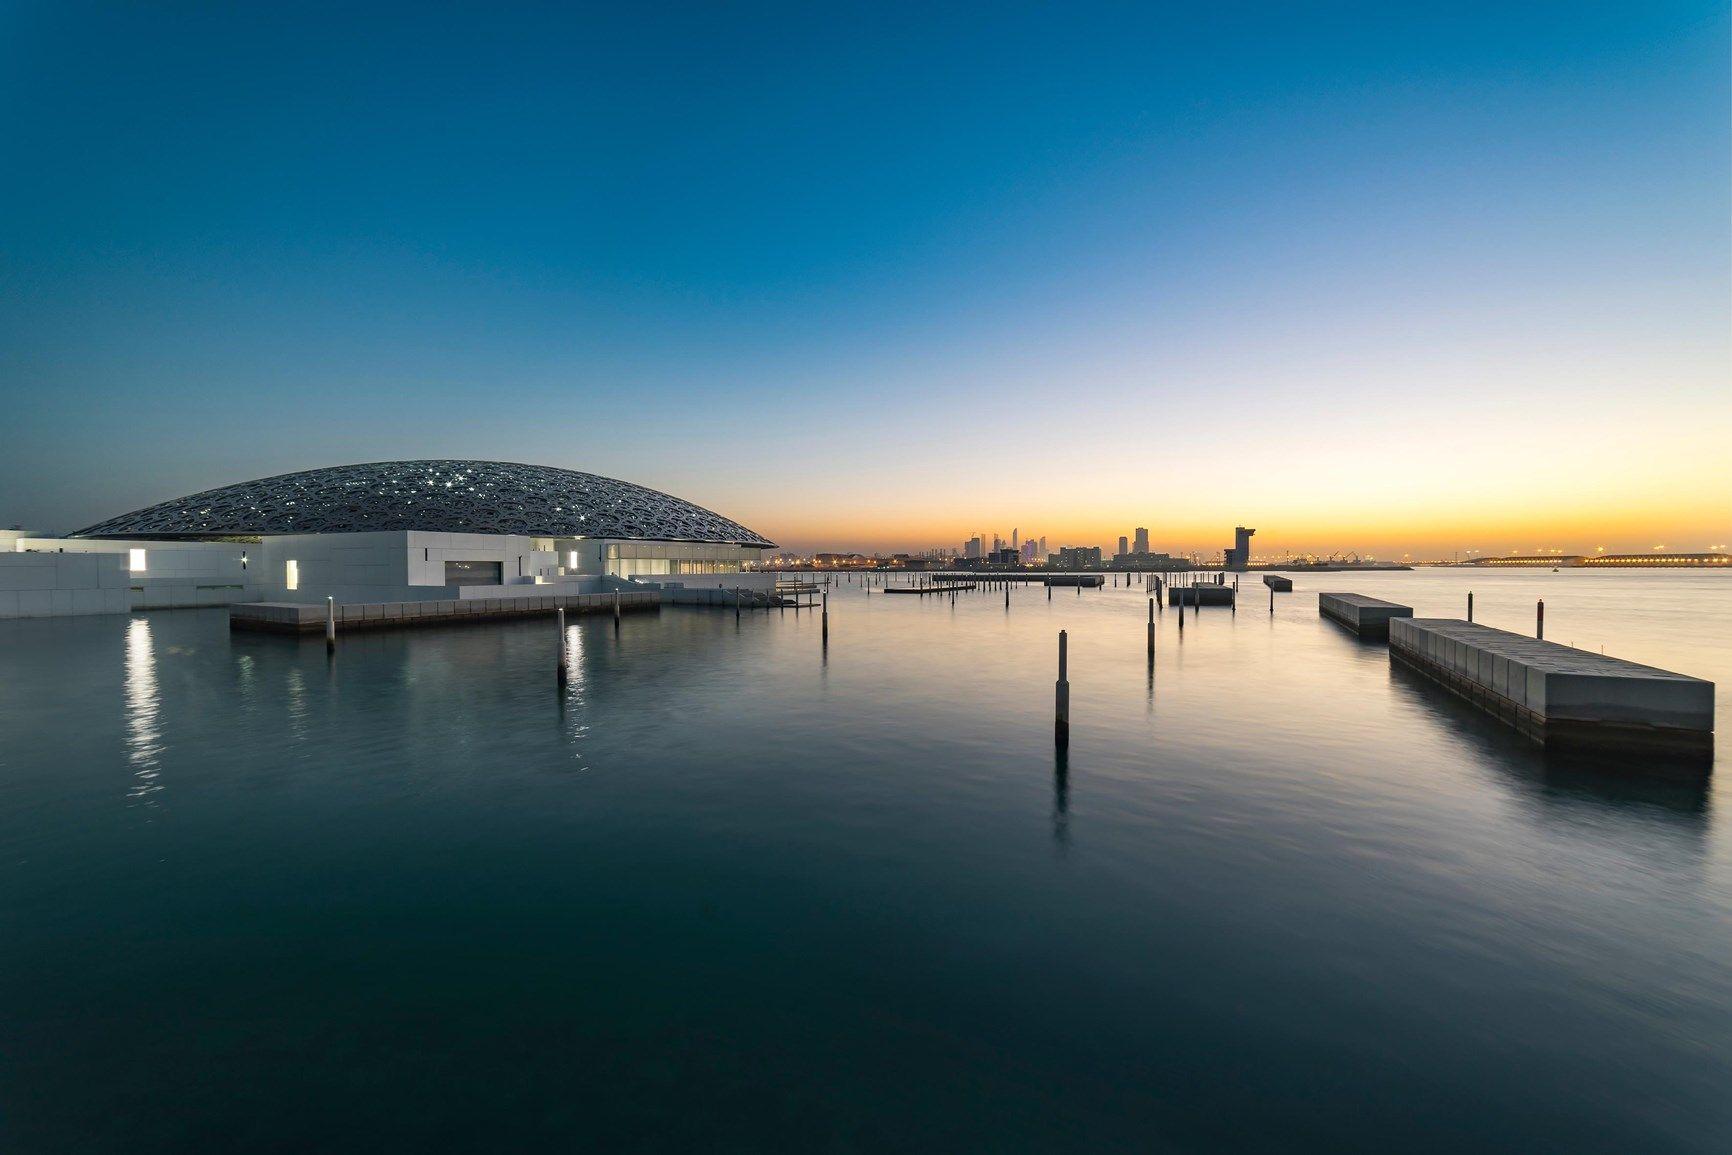 FILA per la protezione del Louvre di Abu Dhabi